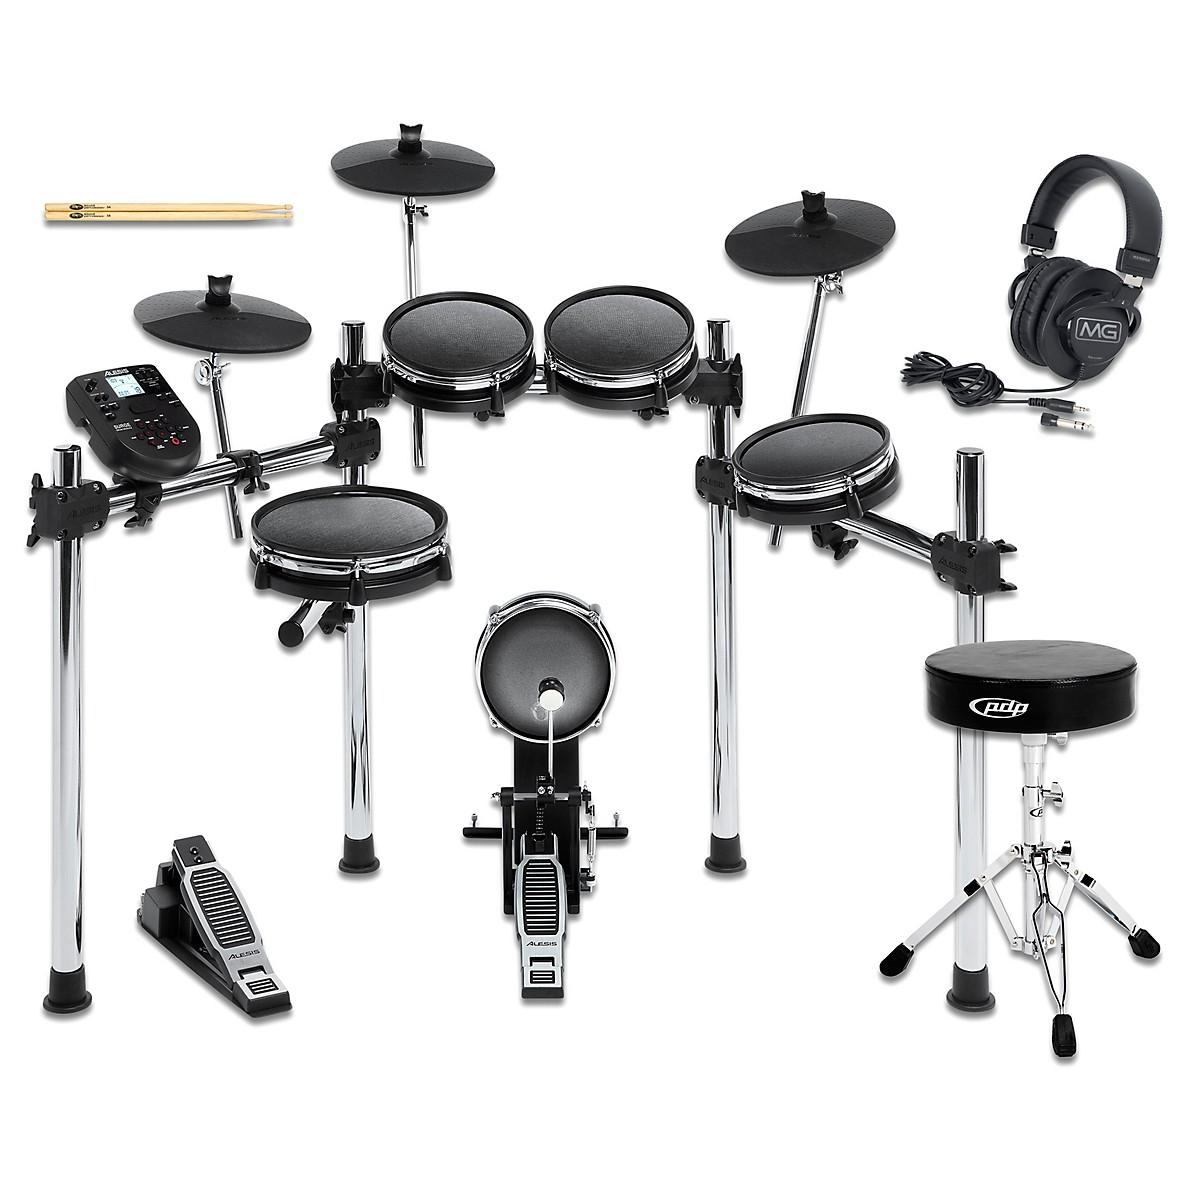 Alesis Surge Mesh-Head Electronic Drum Set Starter kit